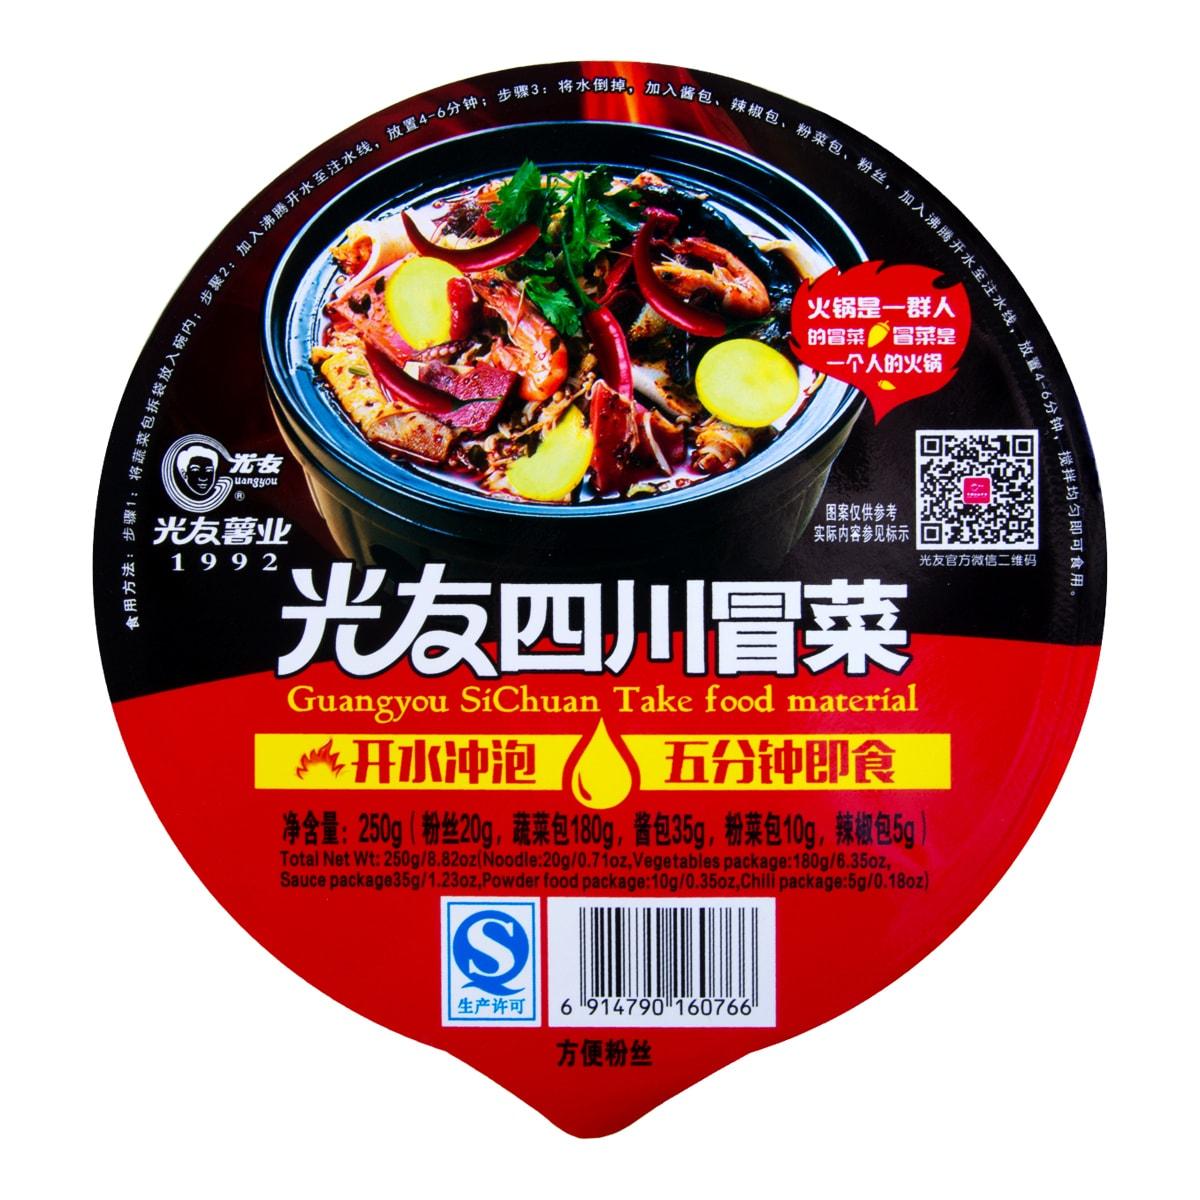 光友 四川即食冒菜 香辣味 250g